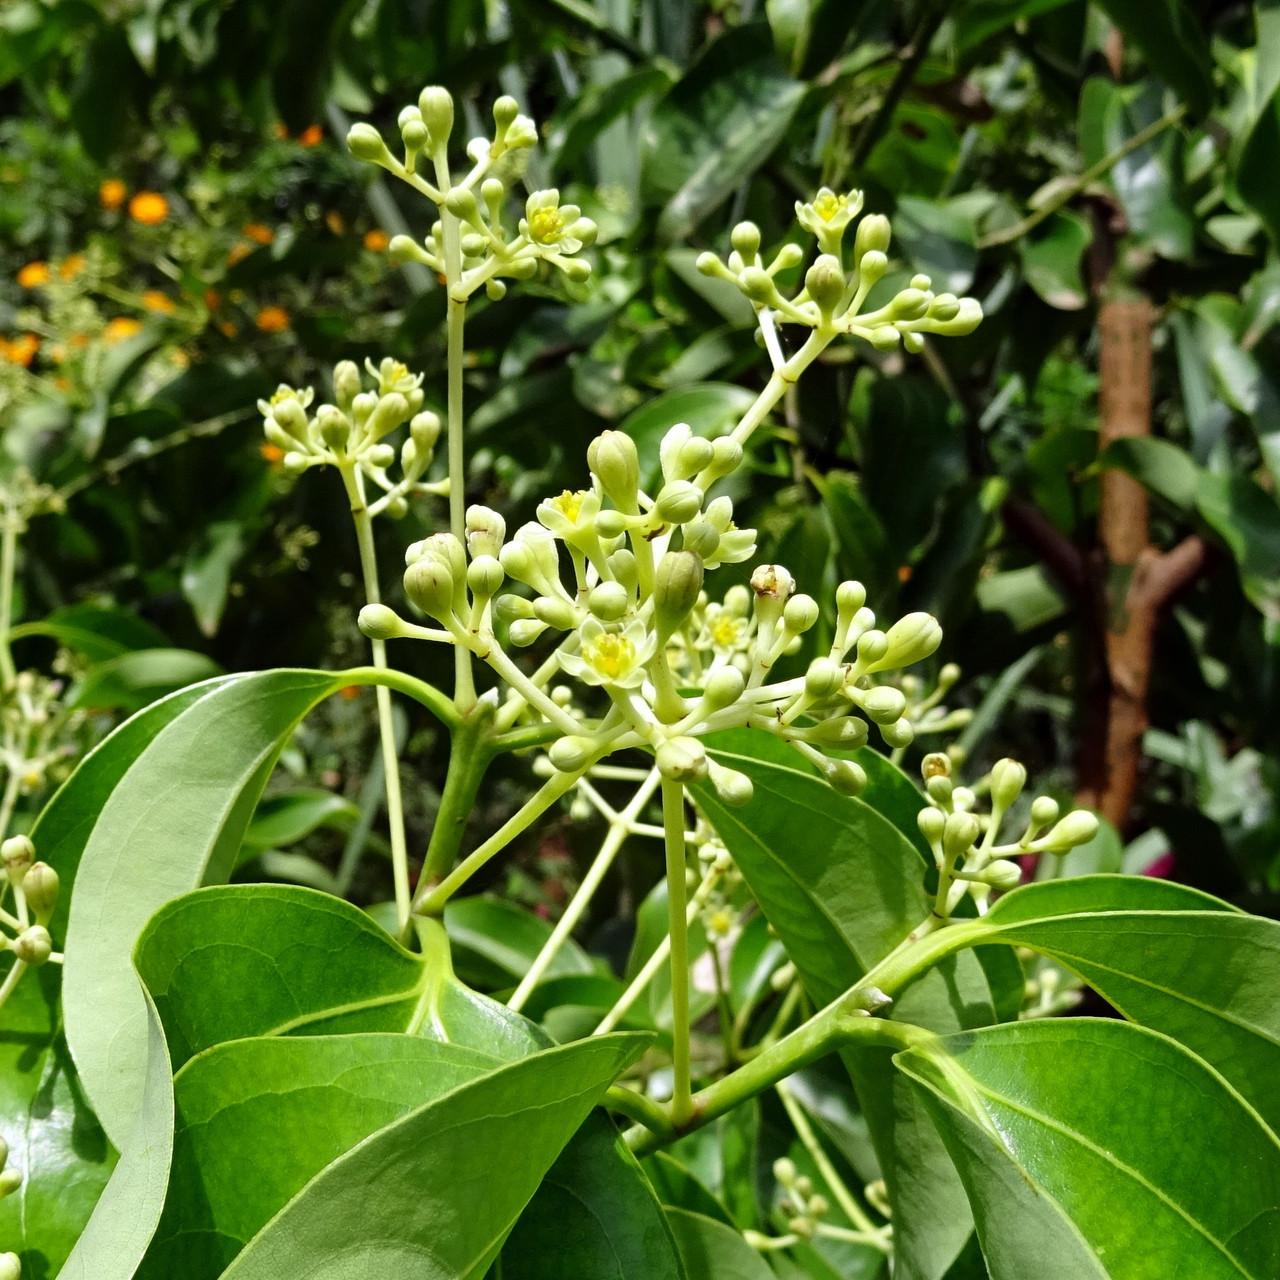 indian-bay-leaf-1707520